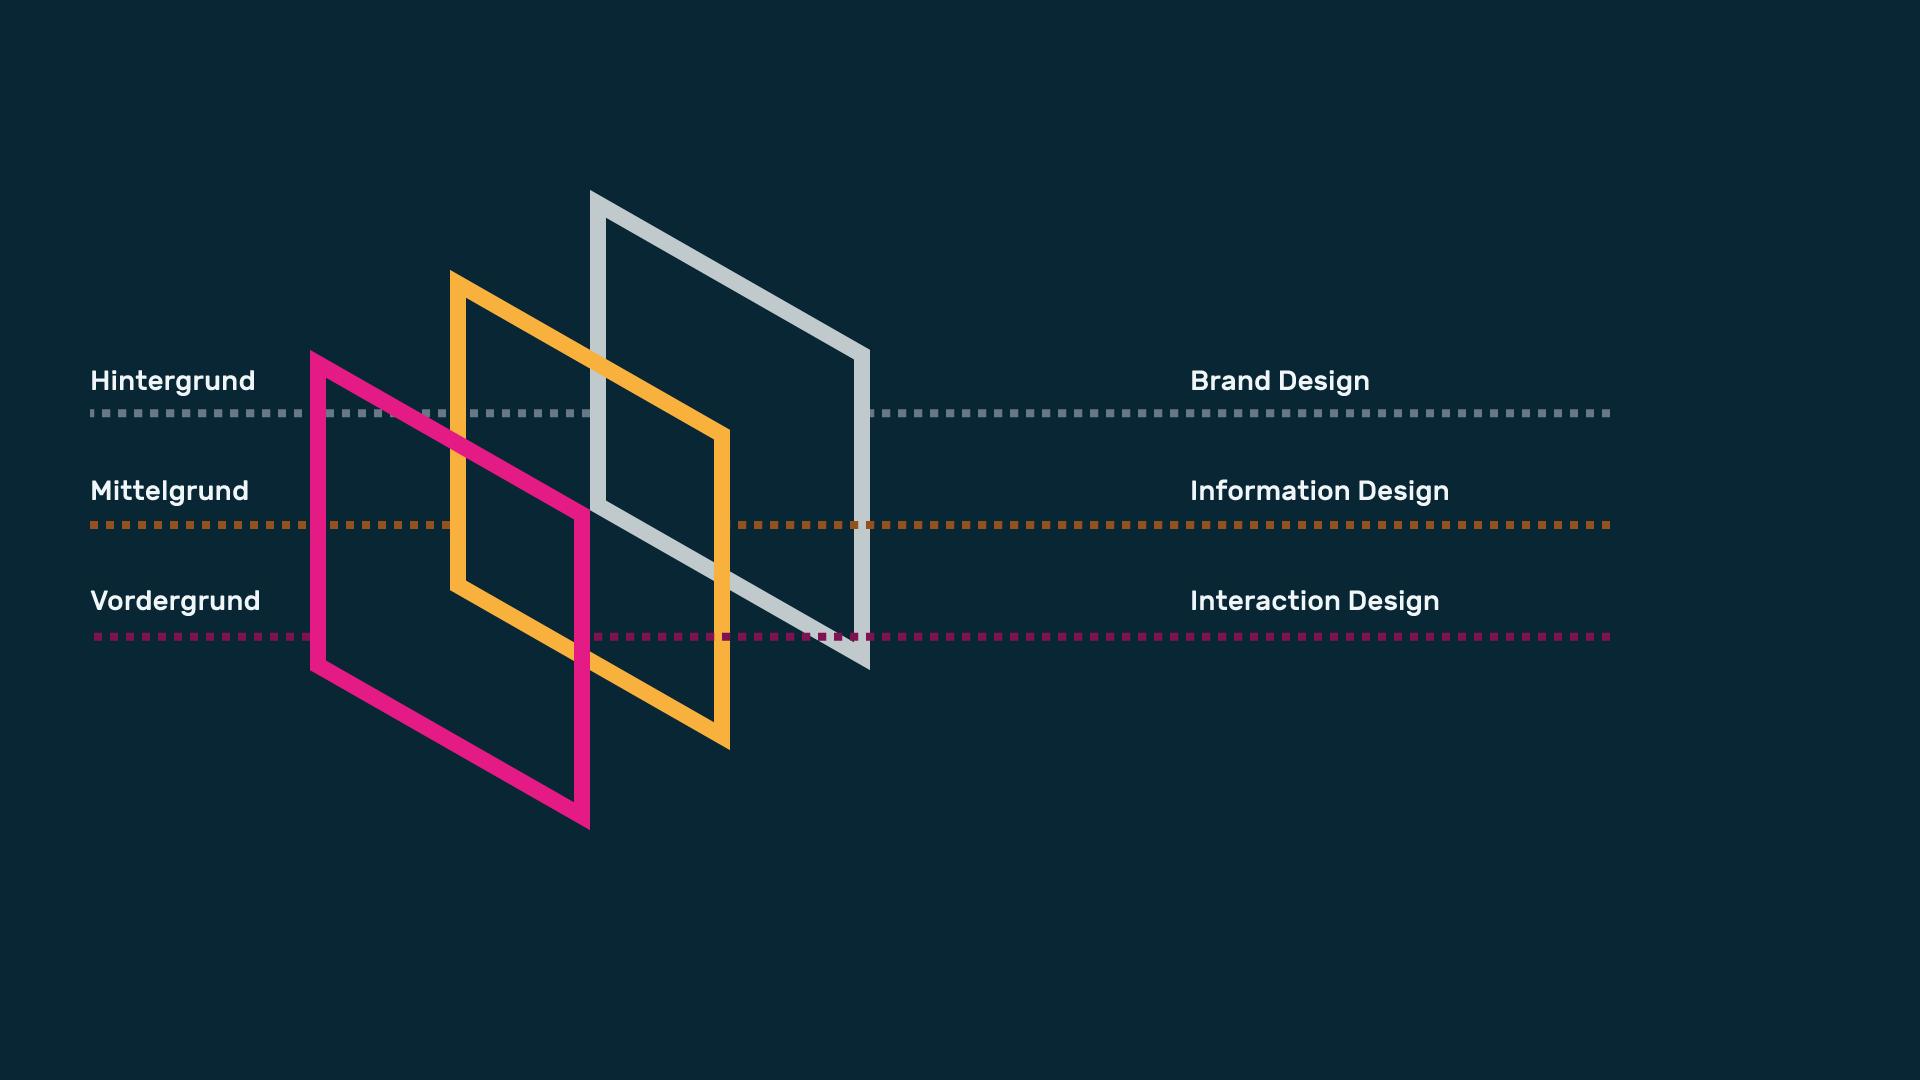 Infografik Userinterfacedesign Farbe und Funktion 01